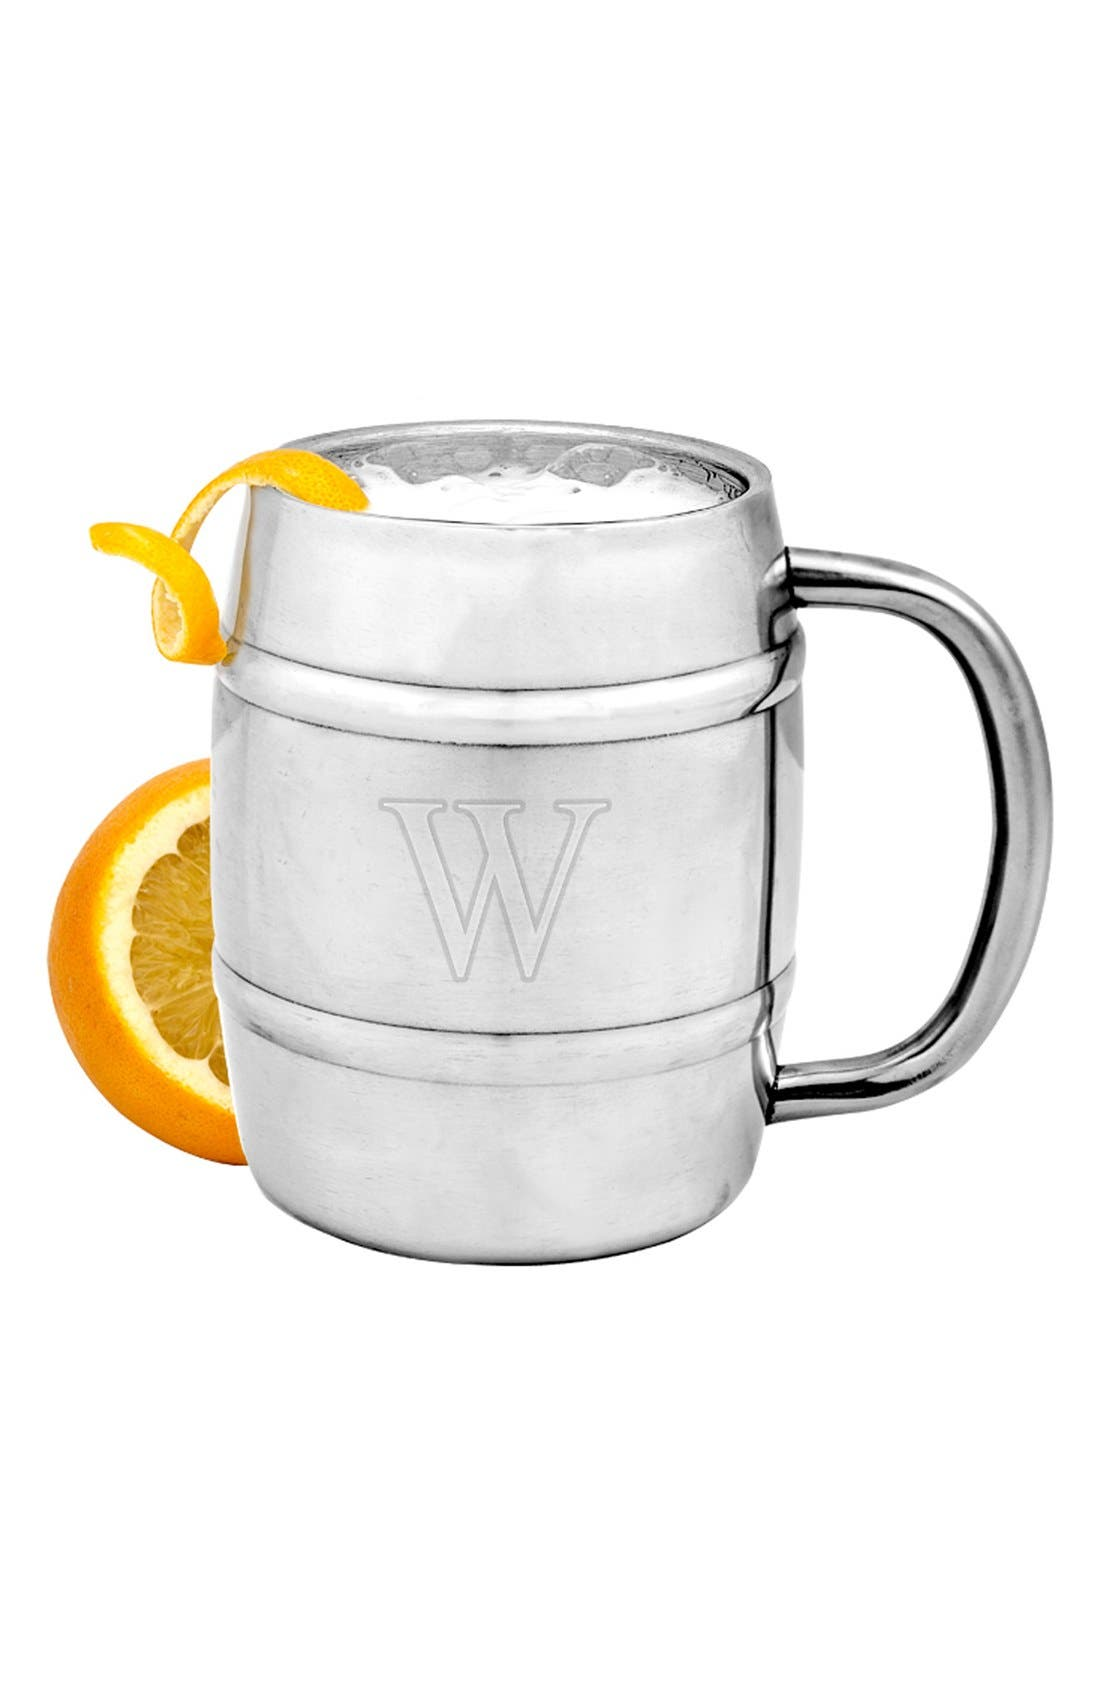 Monogram Stainless Steel Keg Mug,                             Alternate thumbnail 2, color,                             040